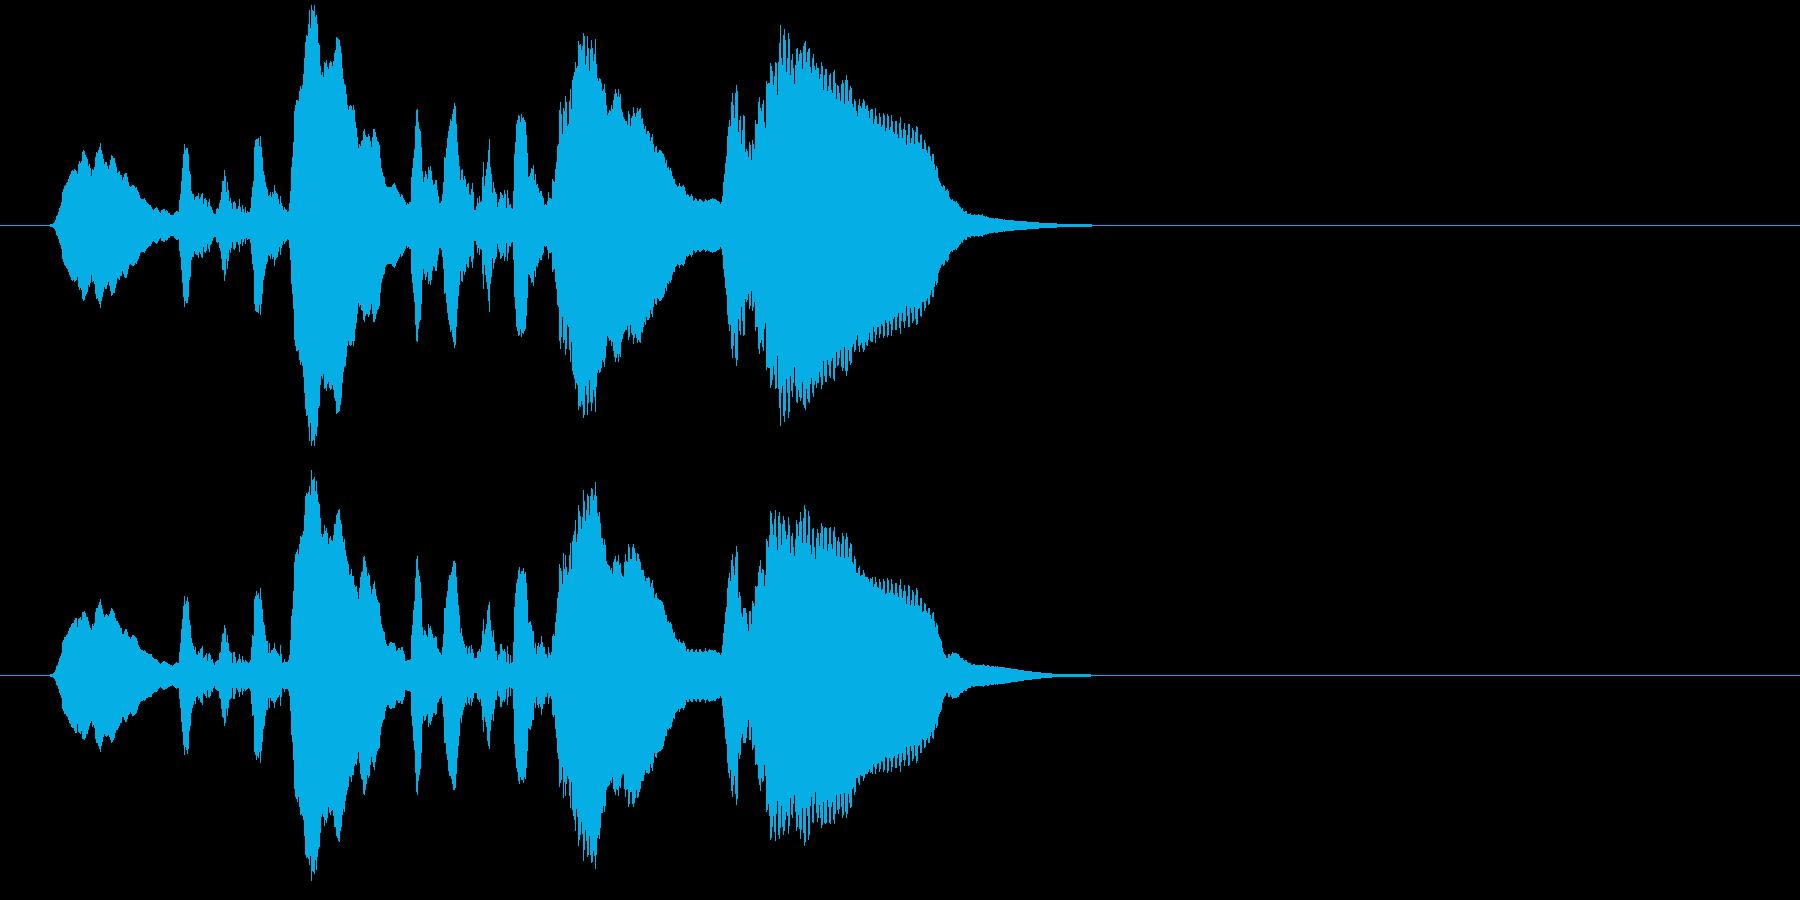 フレンチホーンビューグルコール;ラ...の再生済みの波形